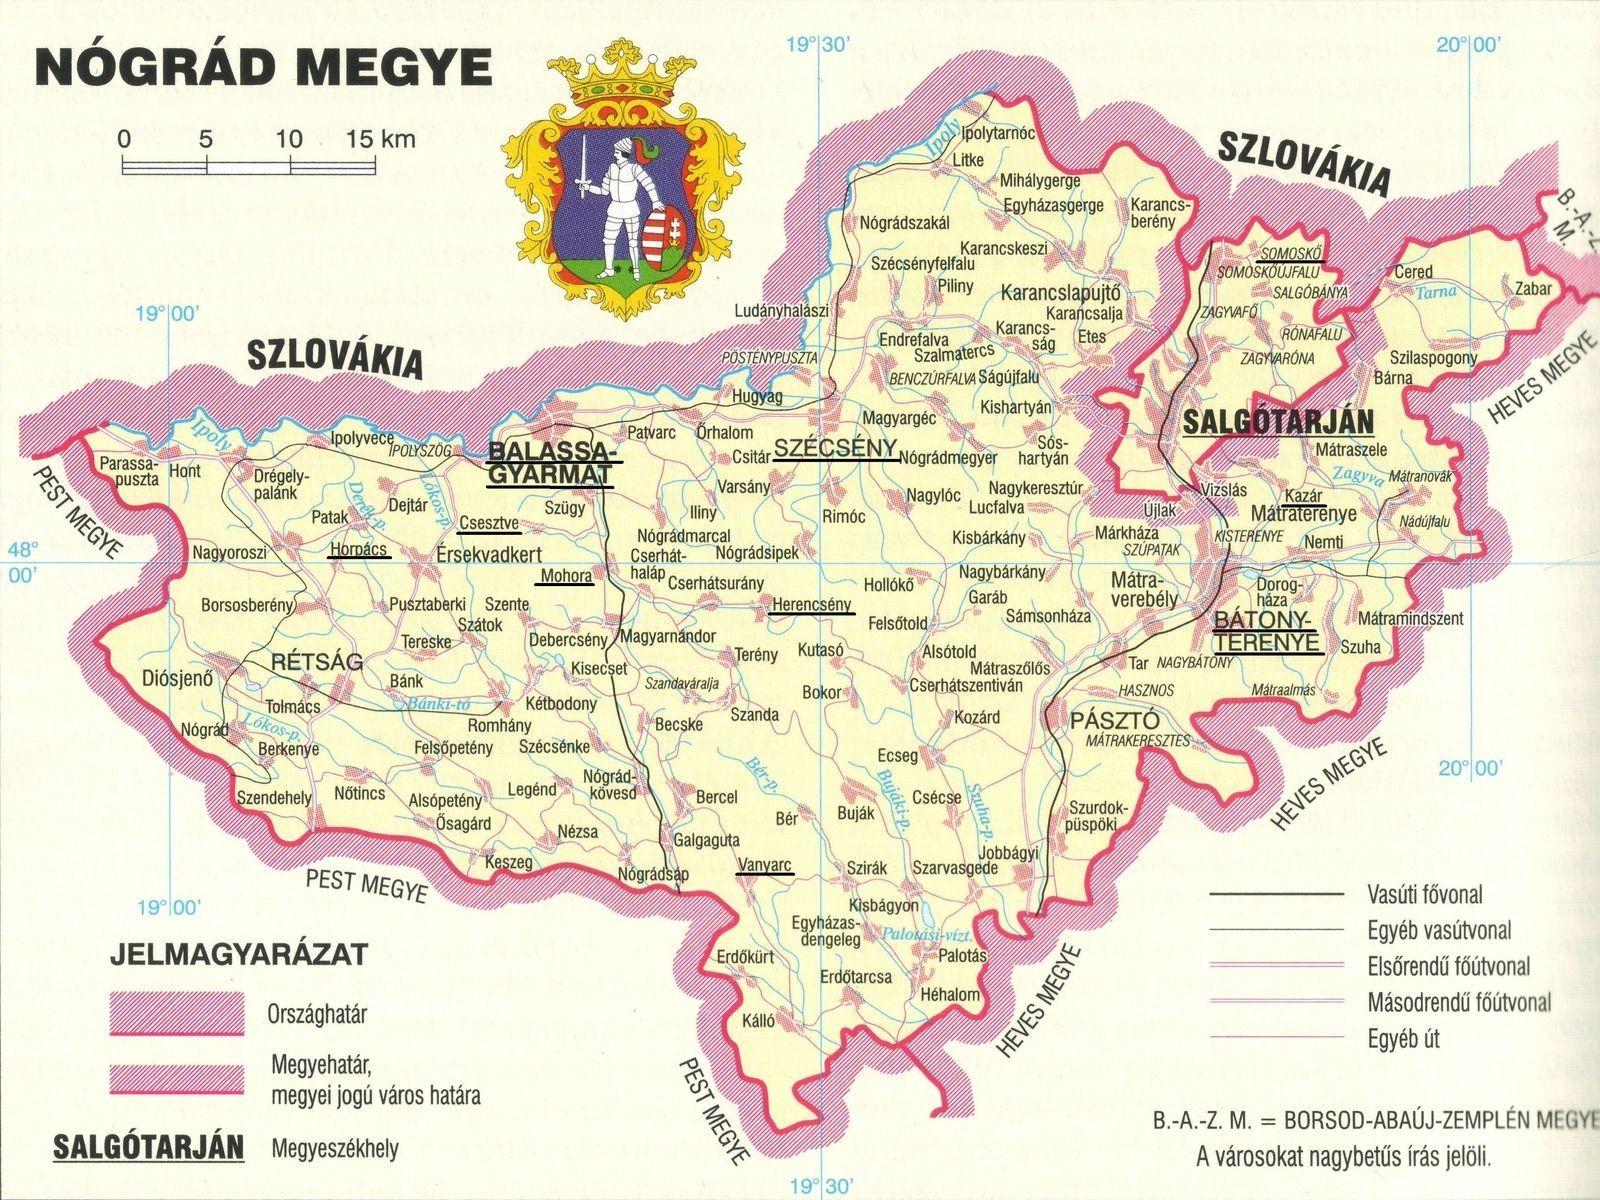 A fontos gazdasági mutatókban továbbra is az utolsók közt van Nógrád megye